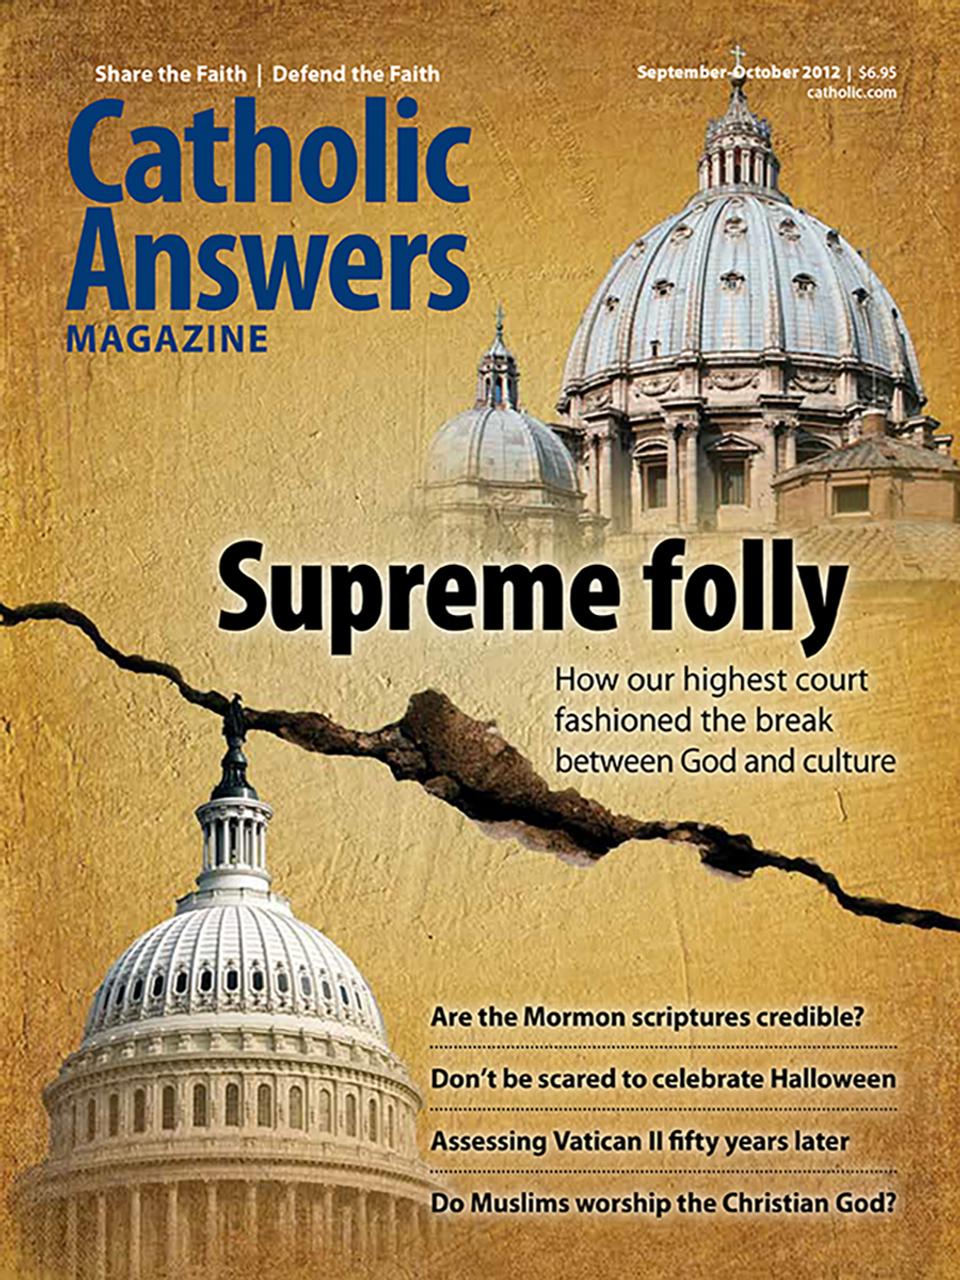 catholic answers magazine - september/october 2012 (digital)